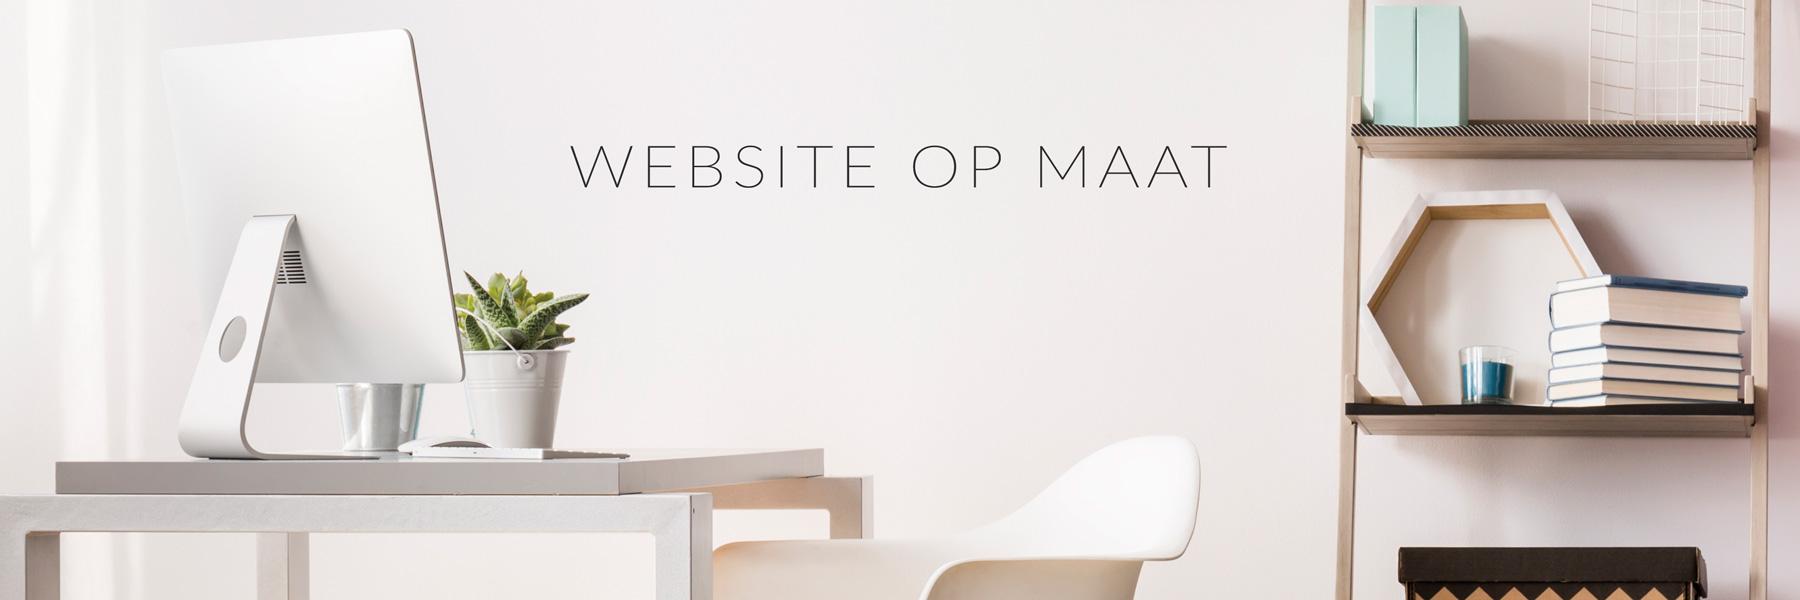 Website op maat - betaalbaar website ontwerp